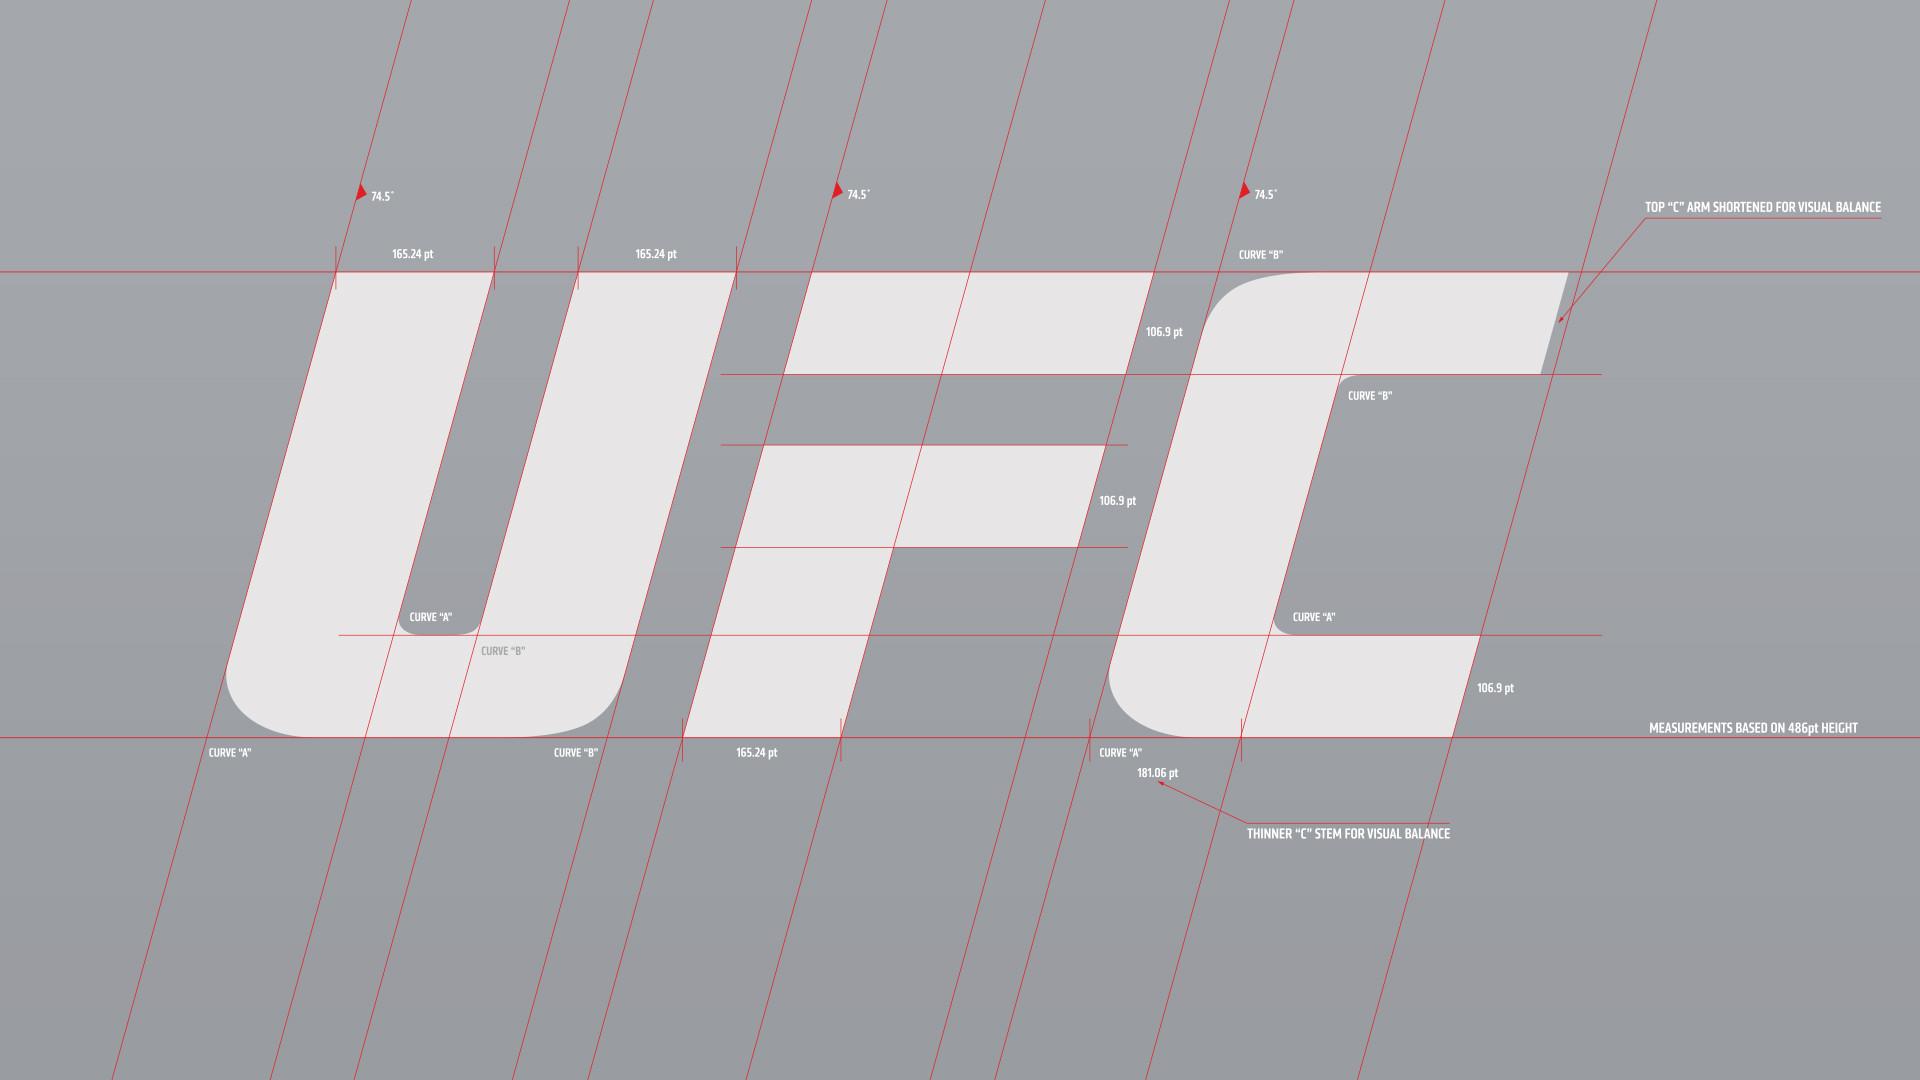 ufc_match_20.jpg